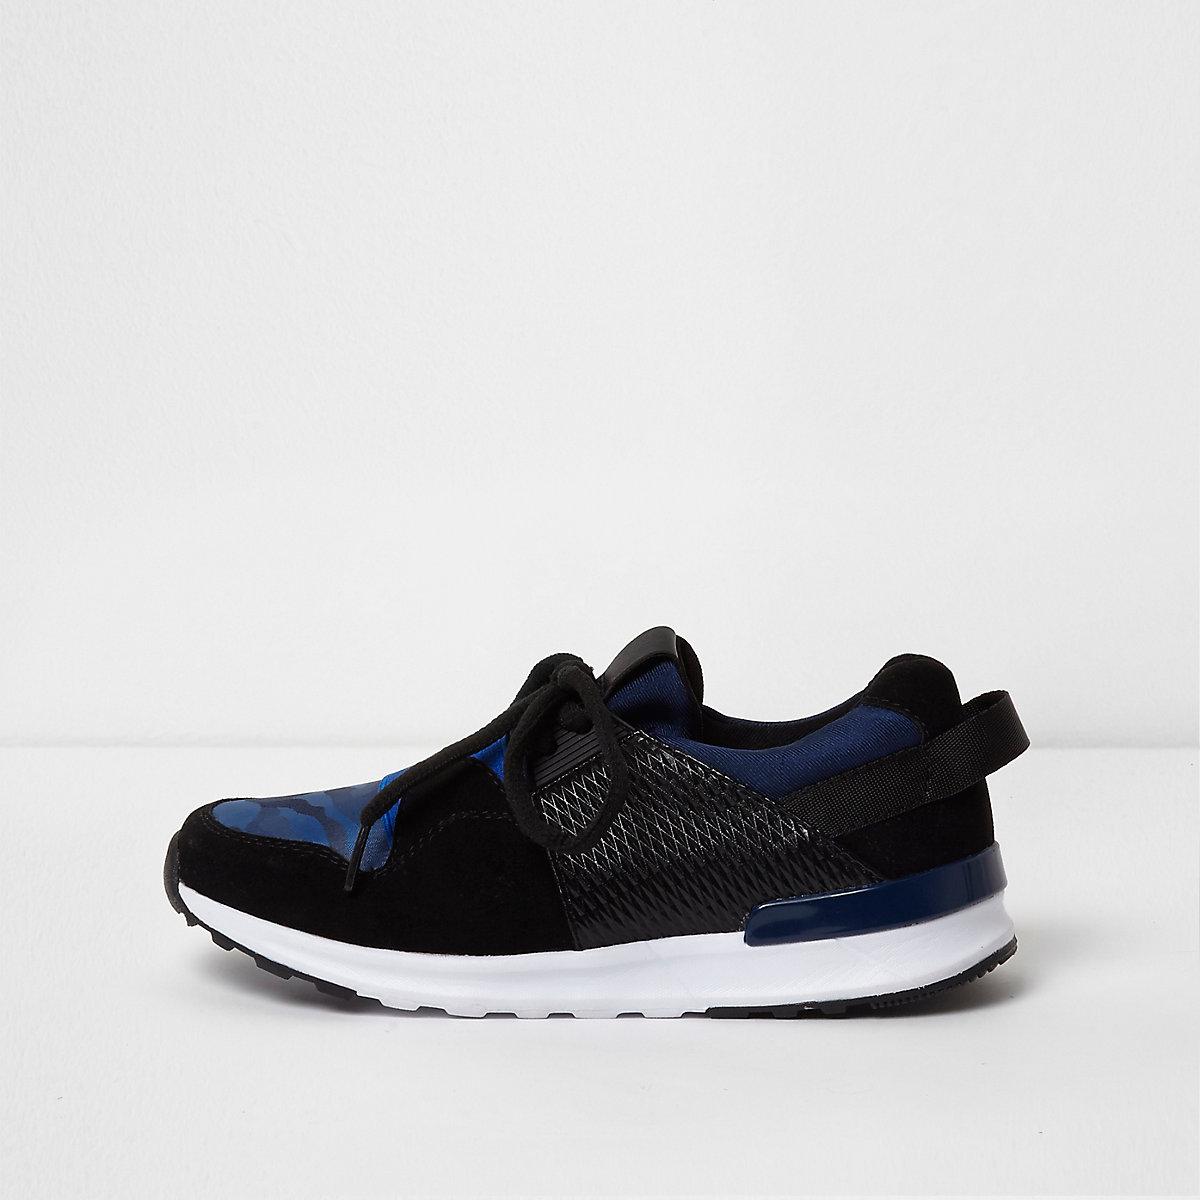 Boys blue camo insert runner sneakers